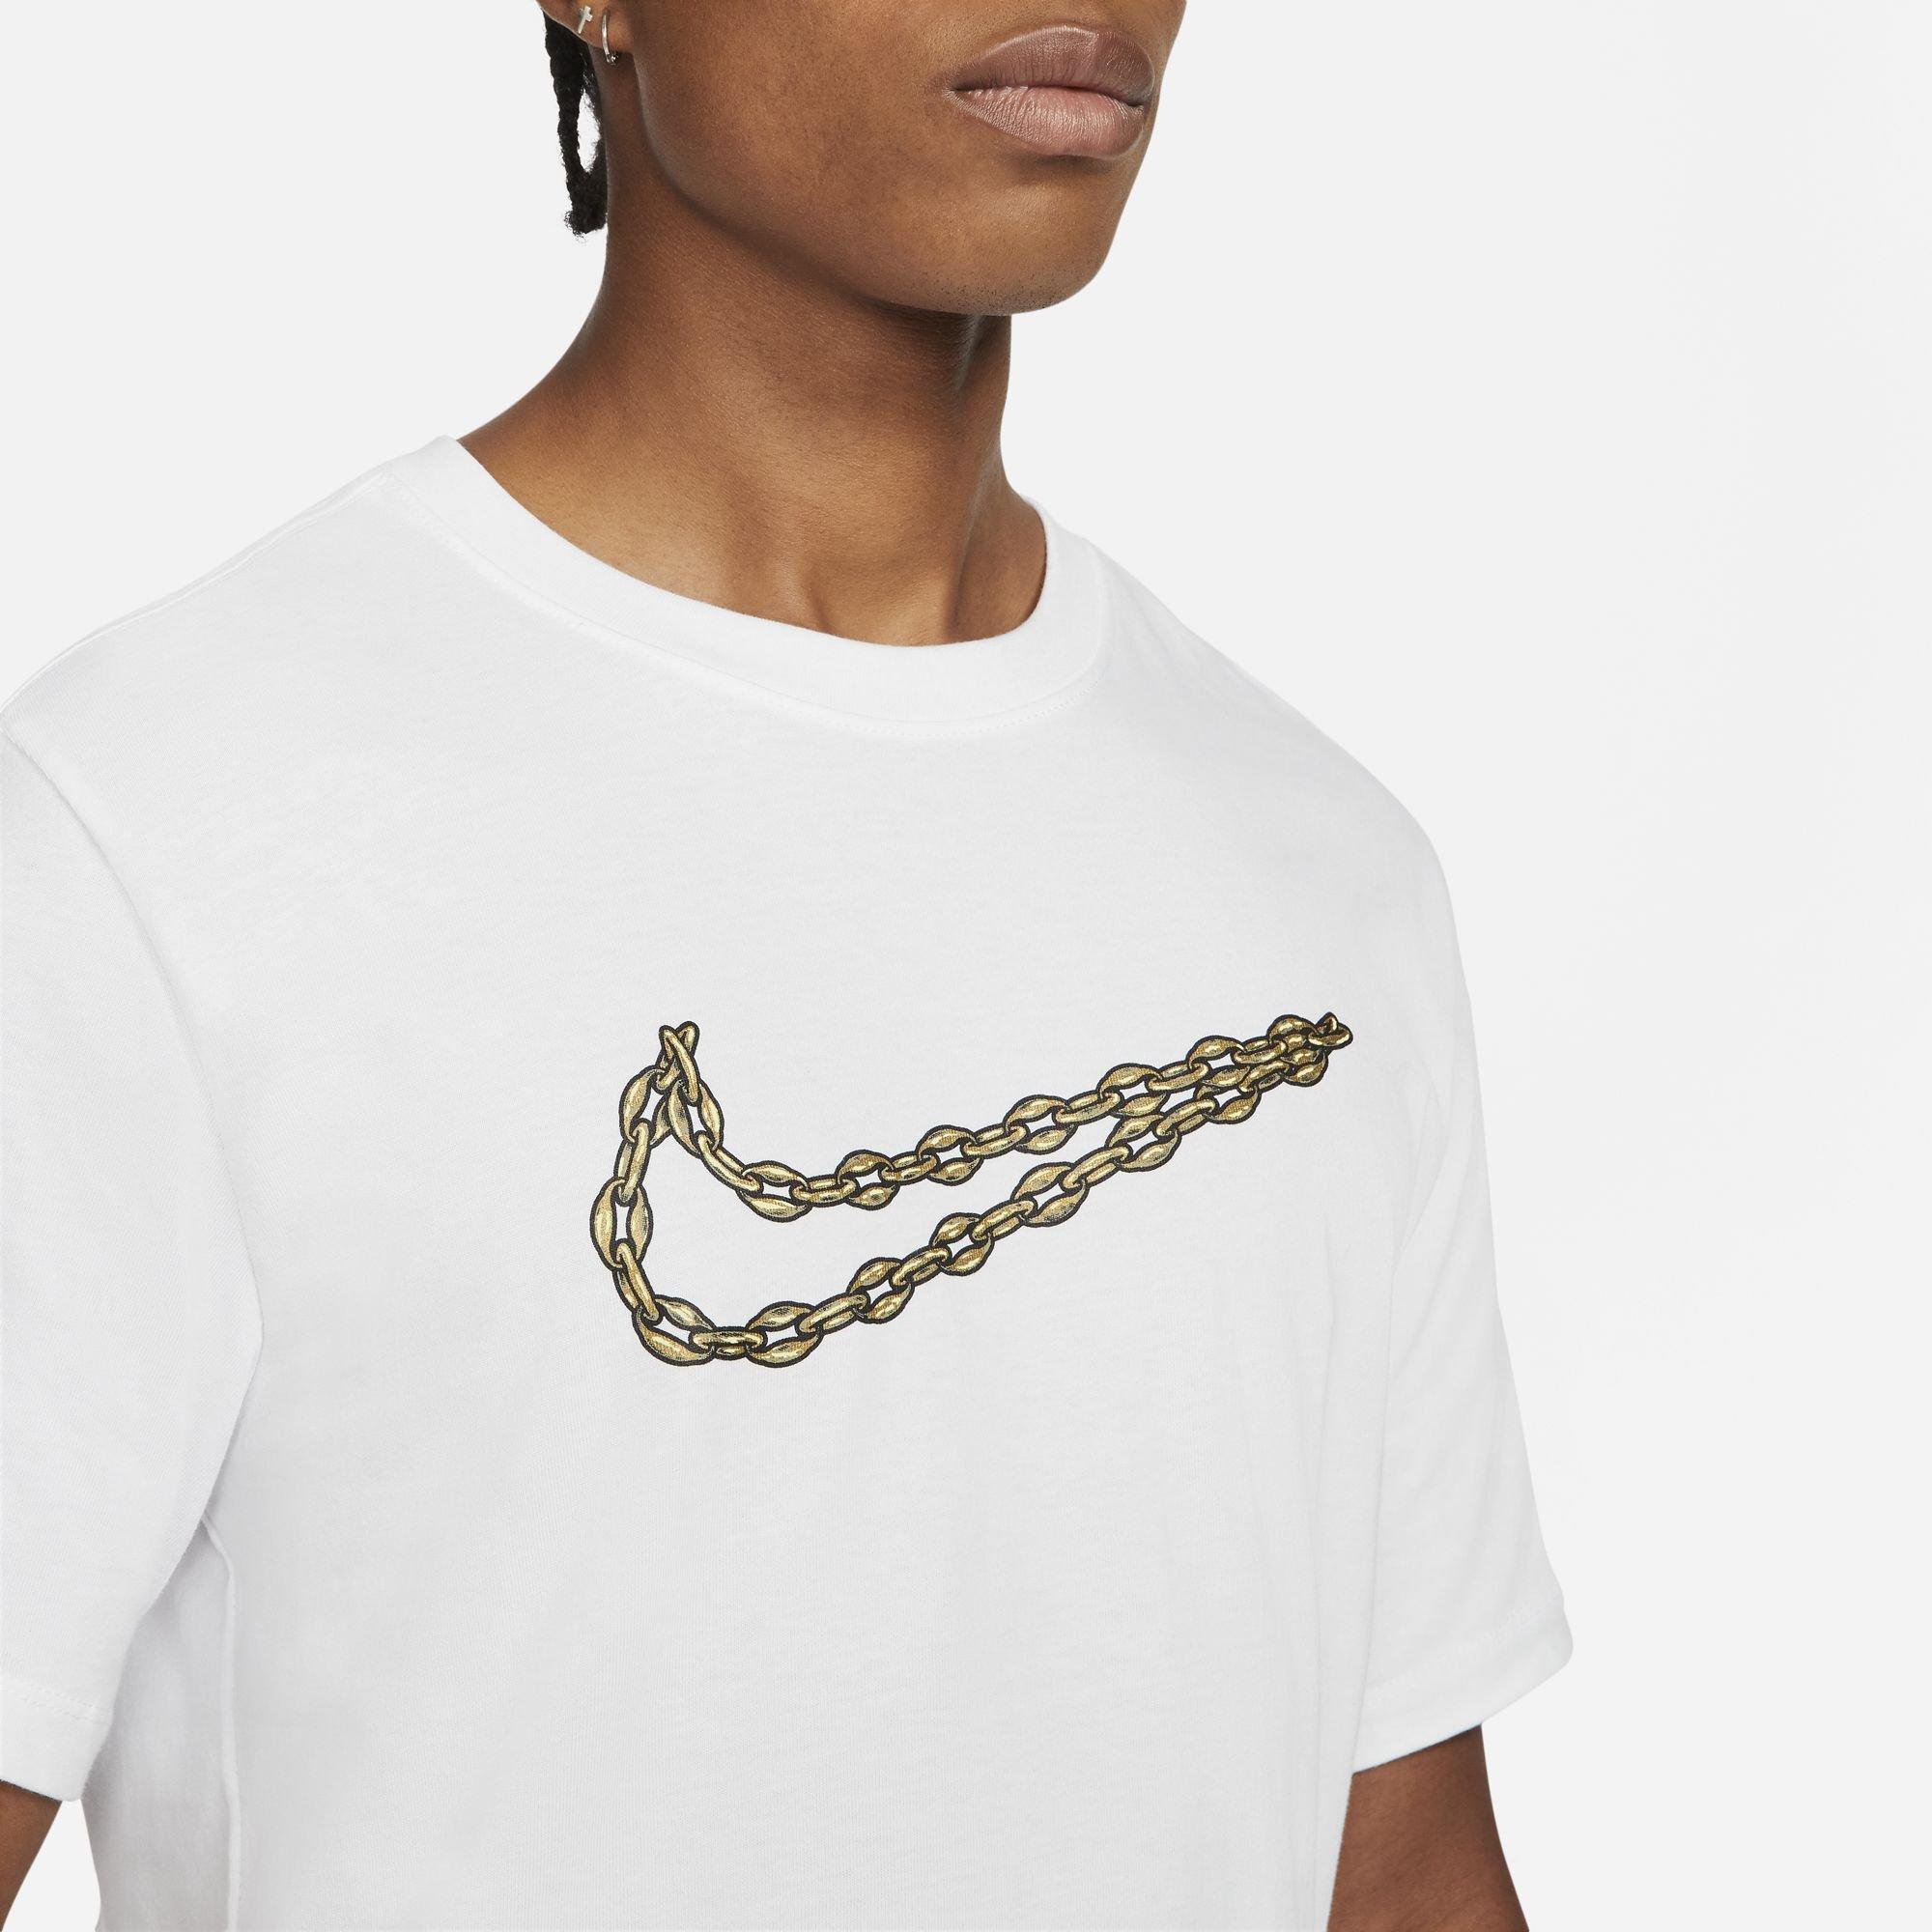 nike swoosh menphis tee-shirt white